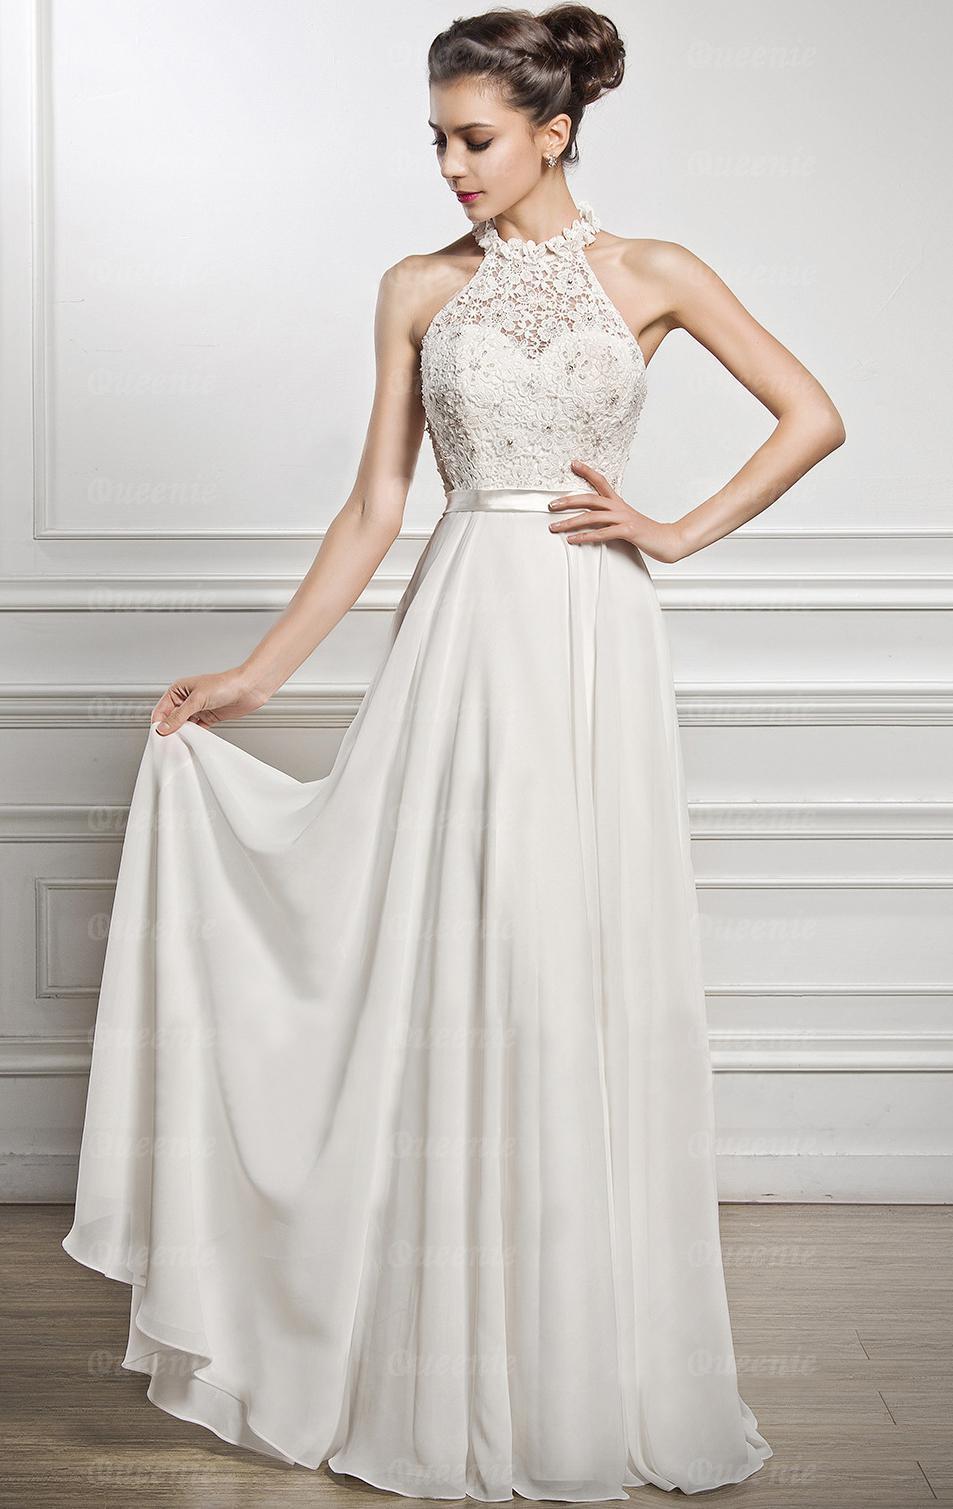 10 Genial Abendkleid Weis für 201917 Elegant Abendkleid Weis für 2019